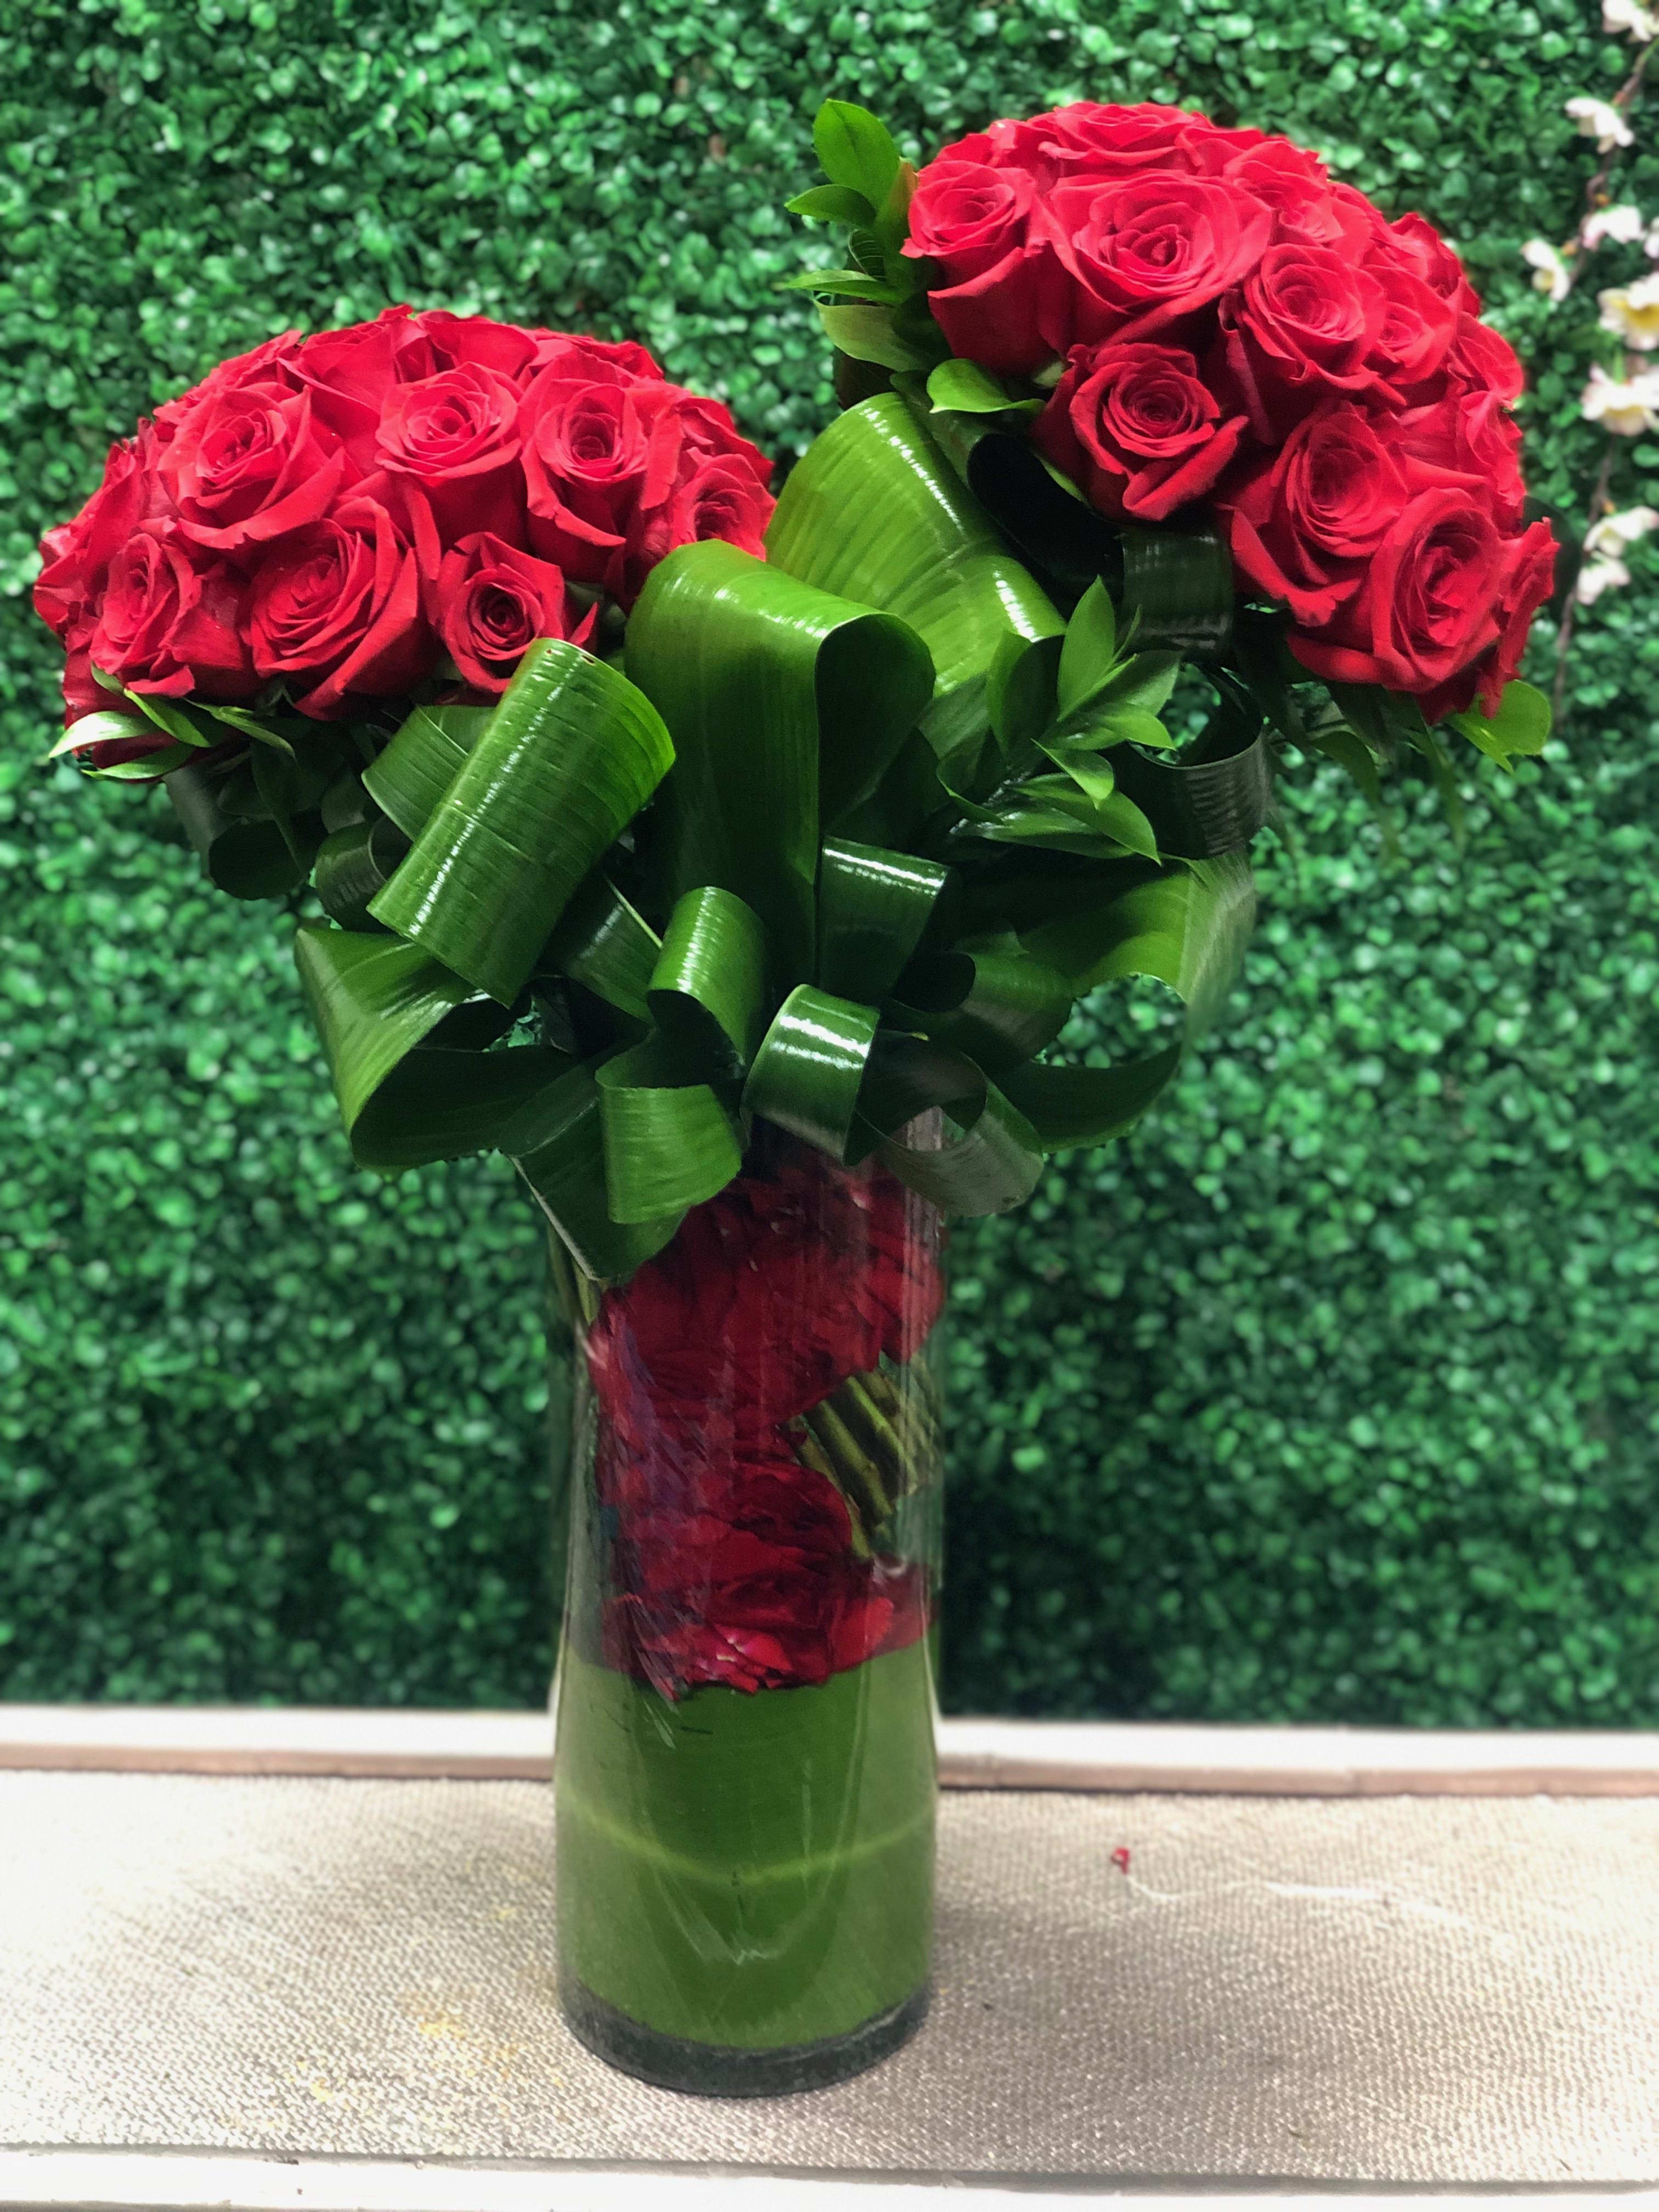 4 Dozen Red Roses With Rose Petals In Van Nuys Ca Van Nuys Flower Shop